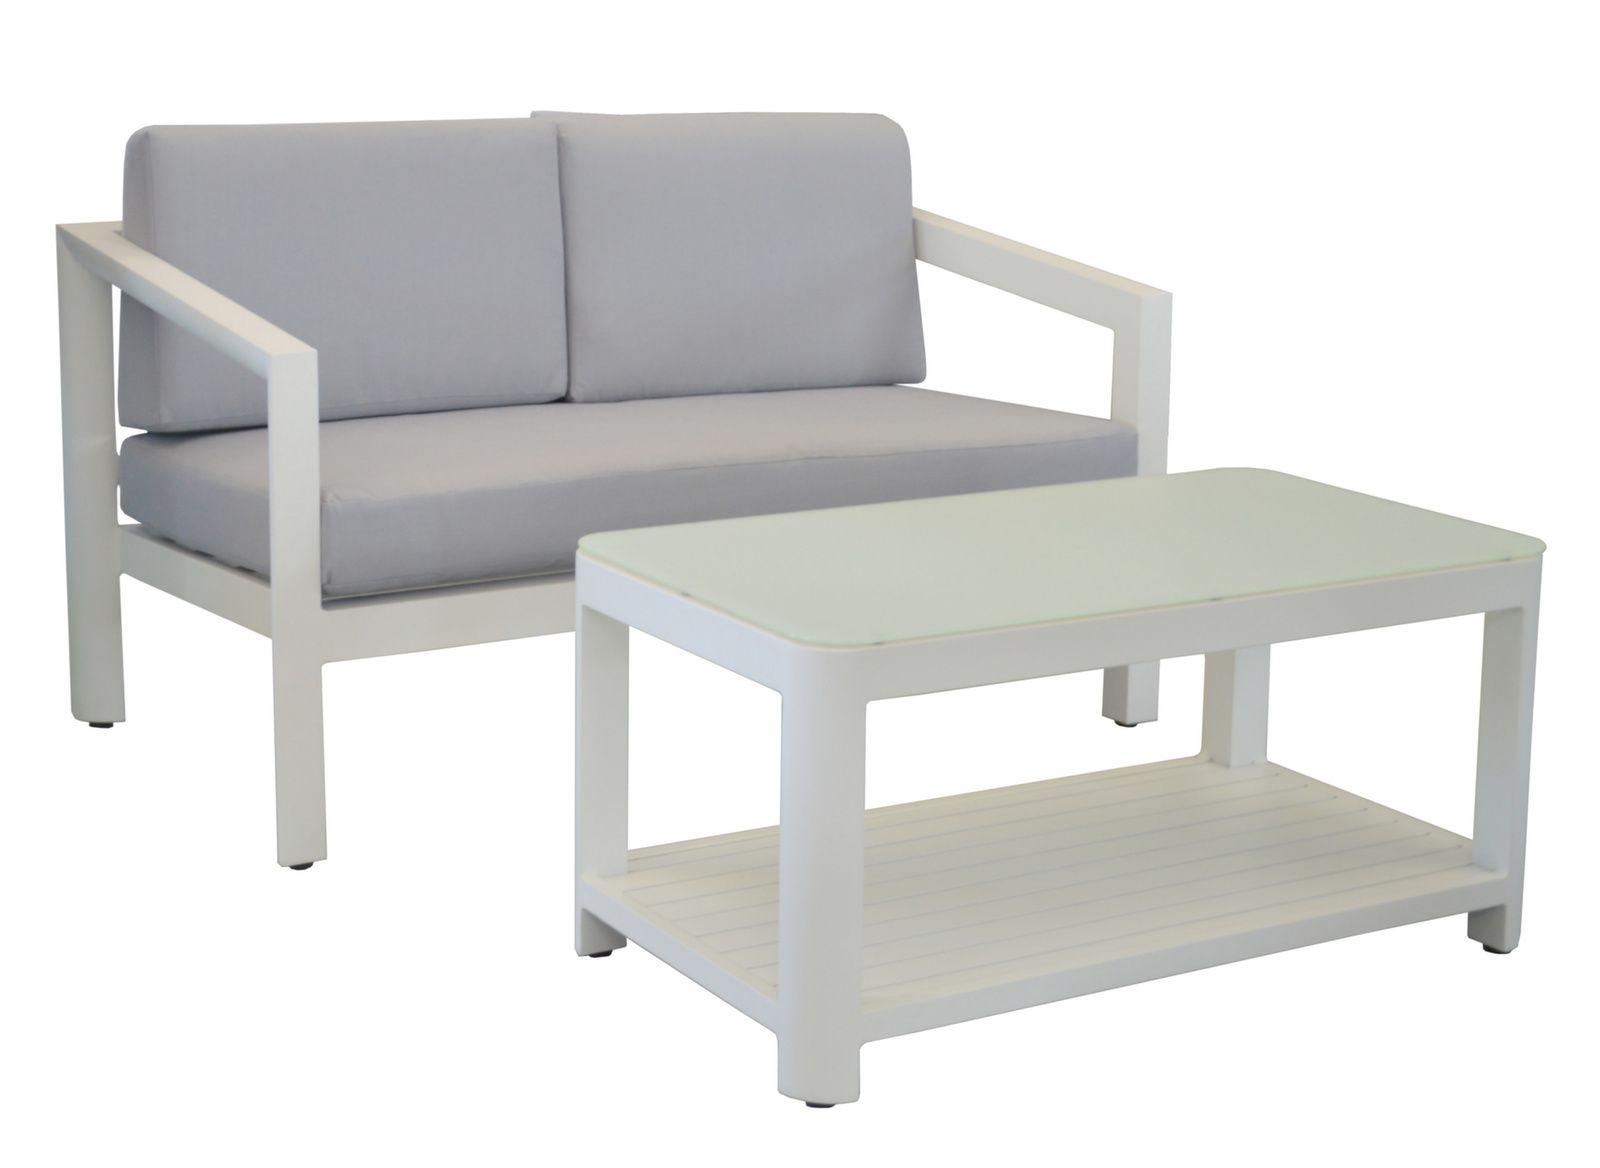 Canape table zebra blanc gris achat canap de jardin for Canape zebre